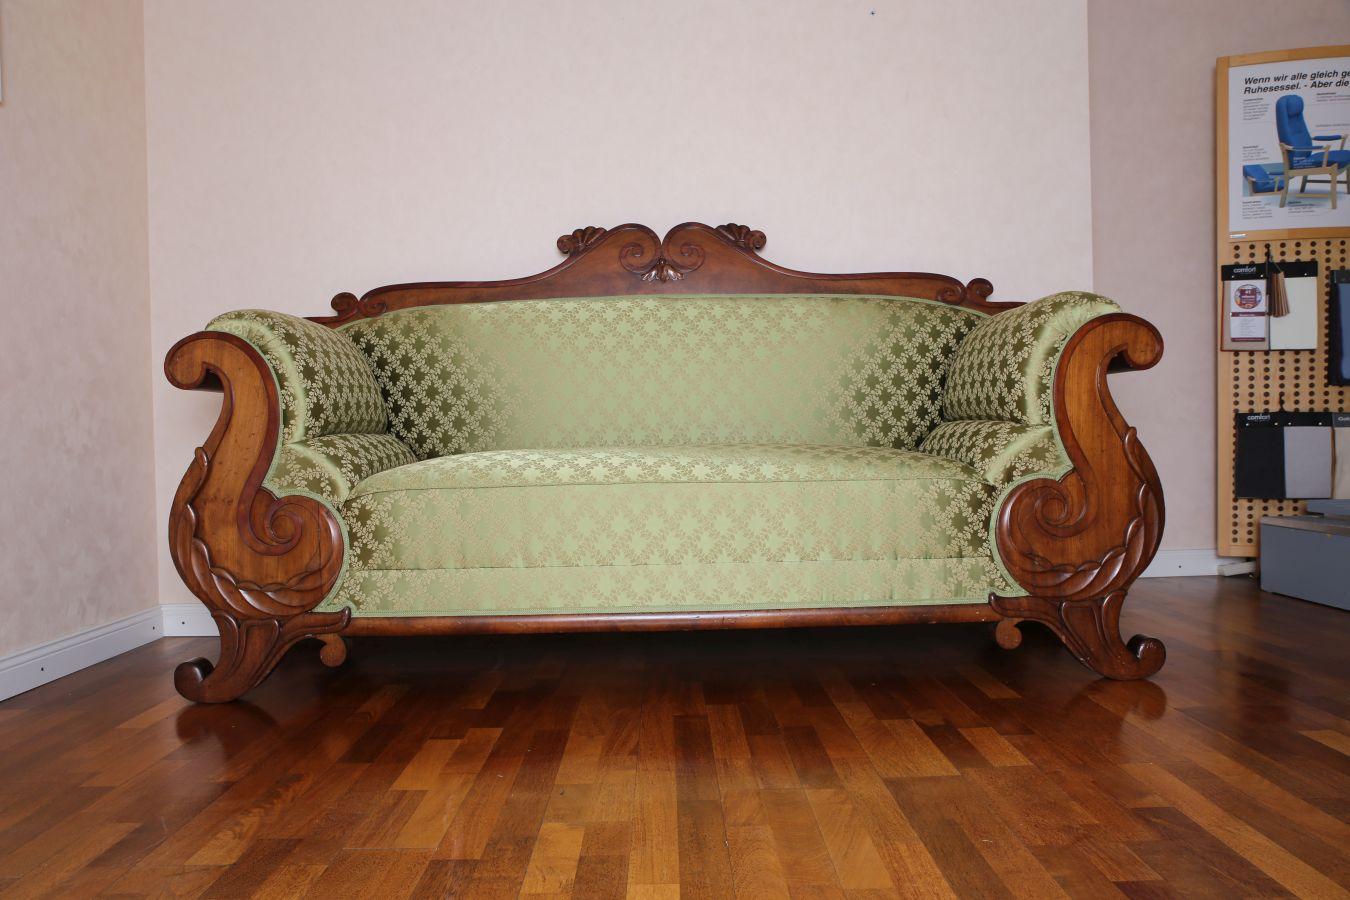 restaurieren von polsterm beln in bad neuenahr ahrweiler bei bonn. Black Bedroom Furniture Sets. Home Design Ideas